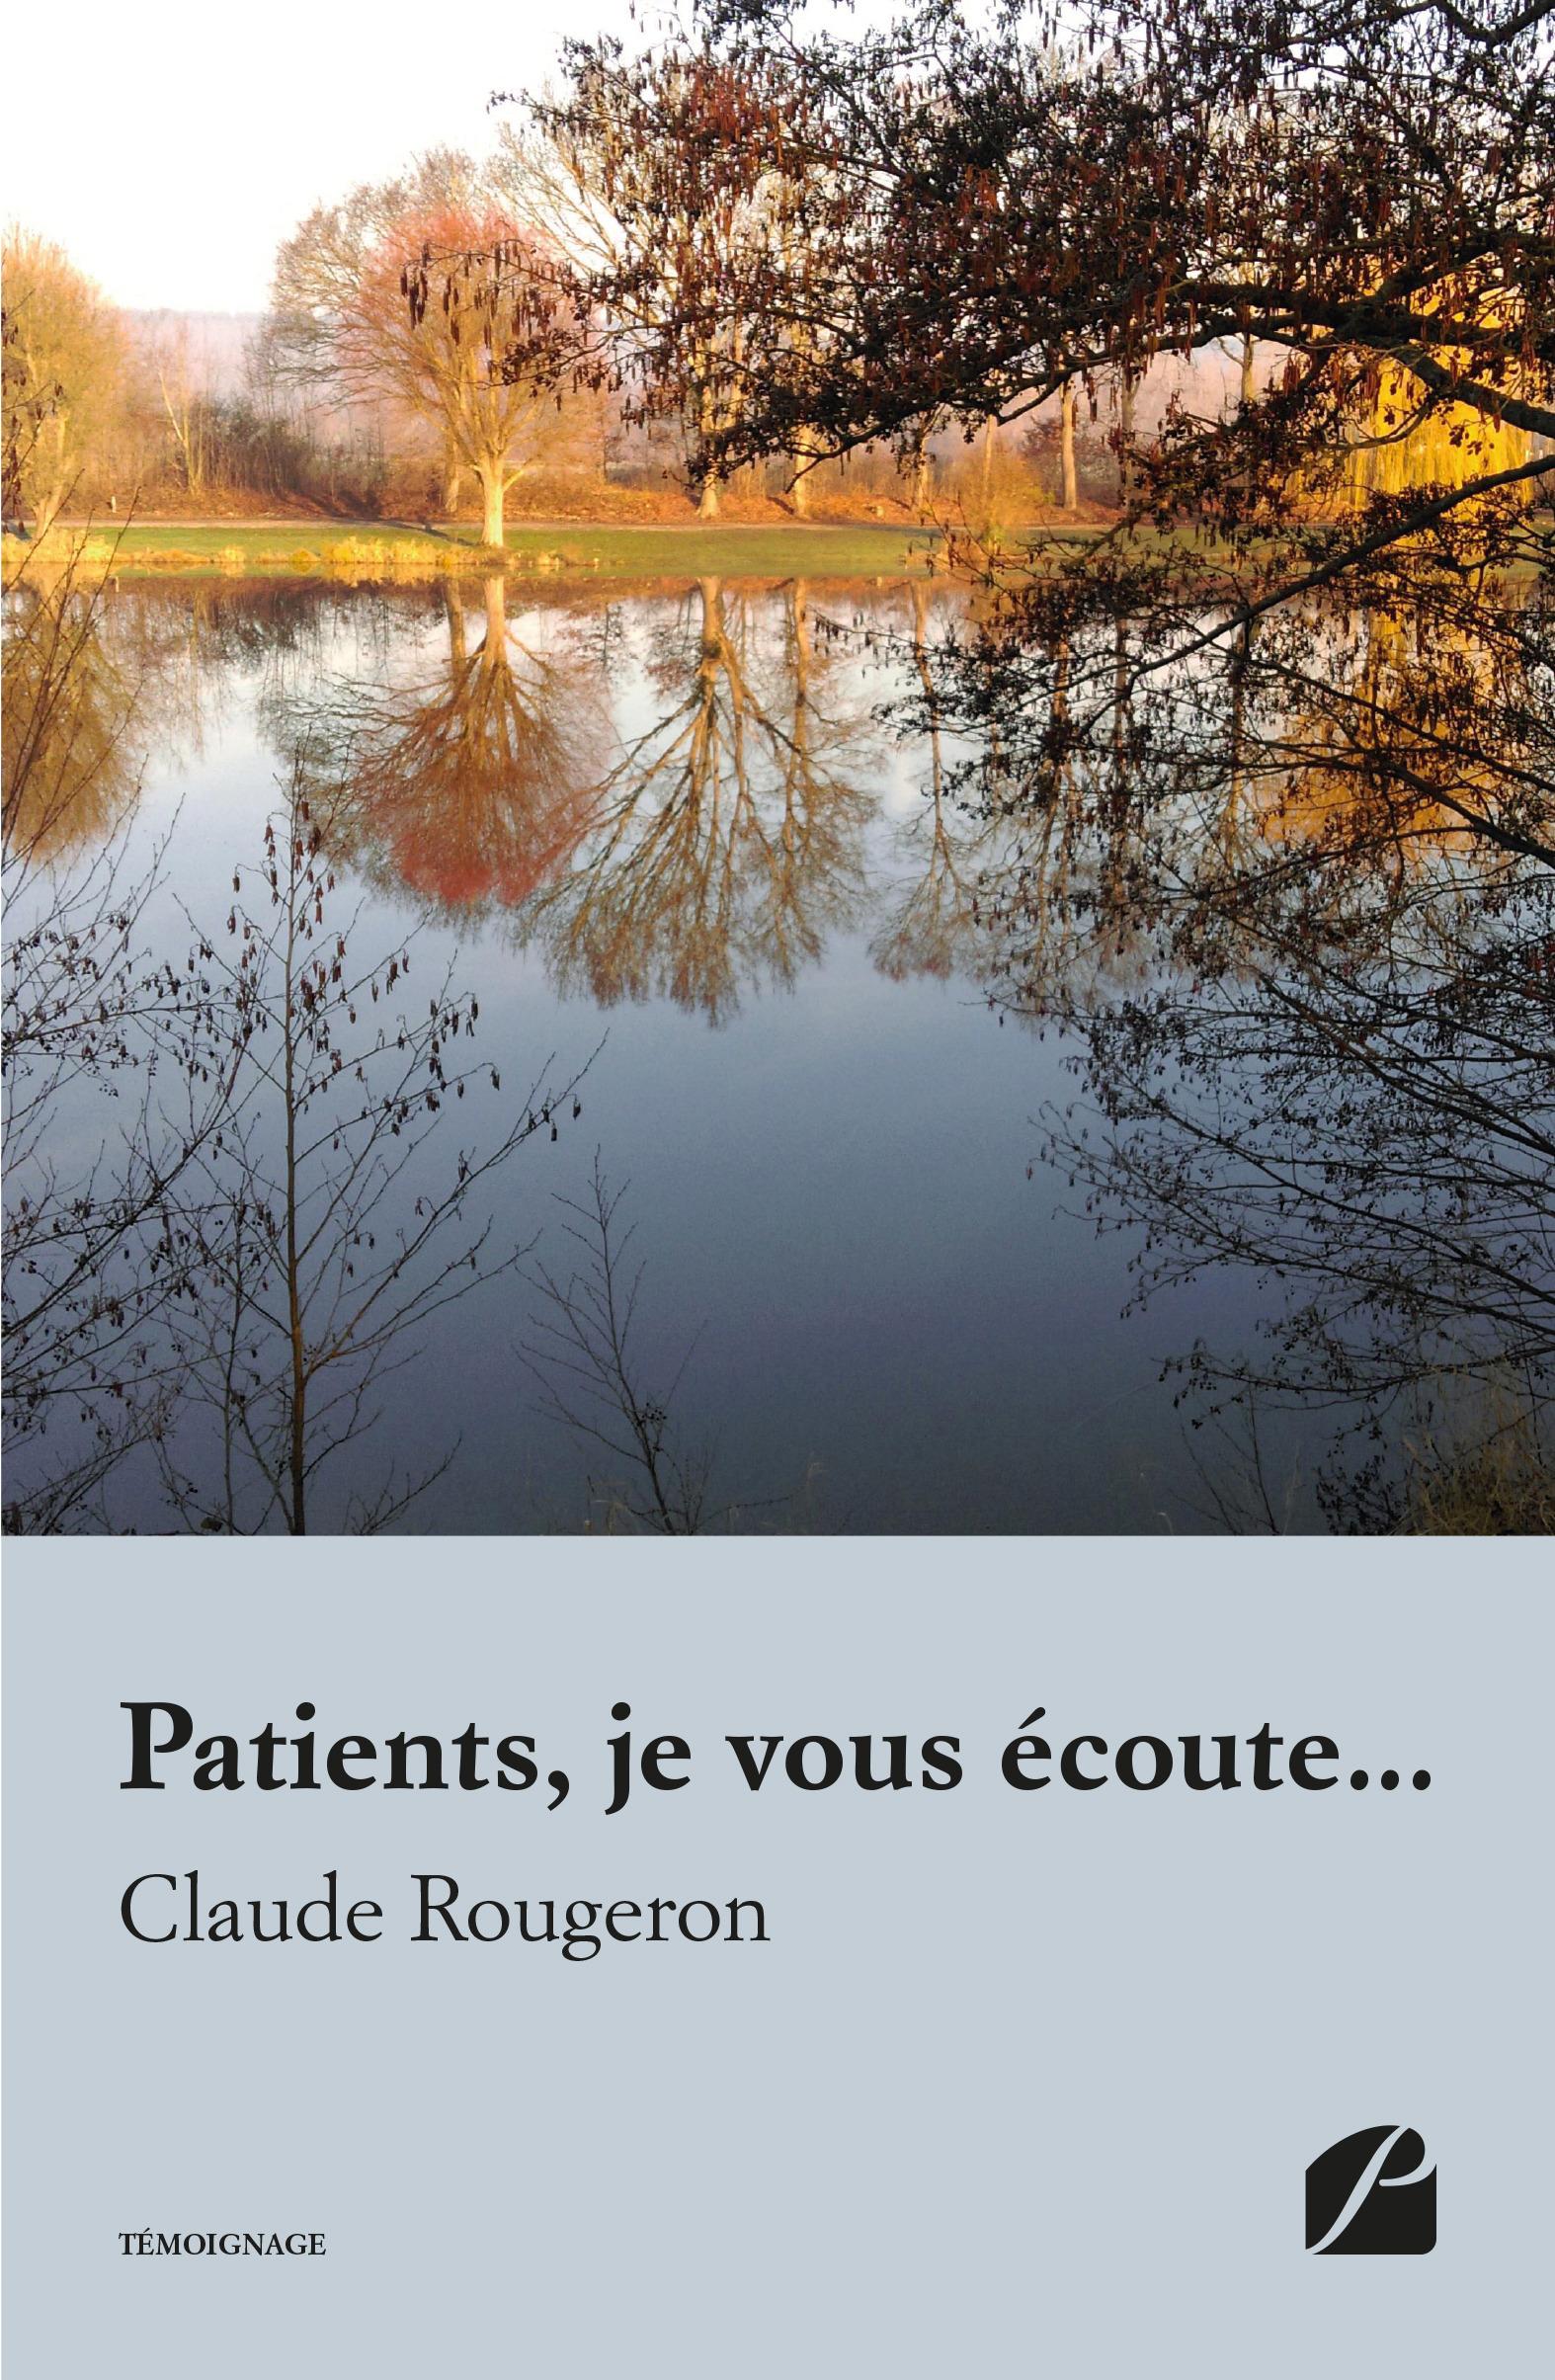 patients, je vous ecoute...